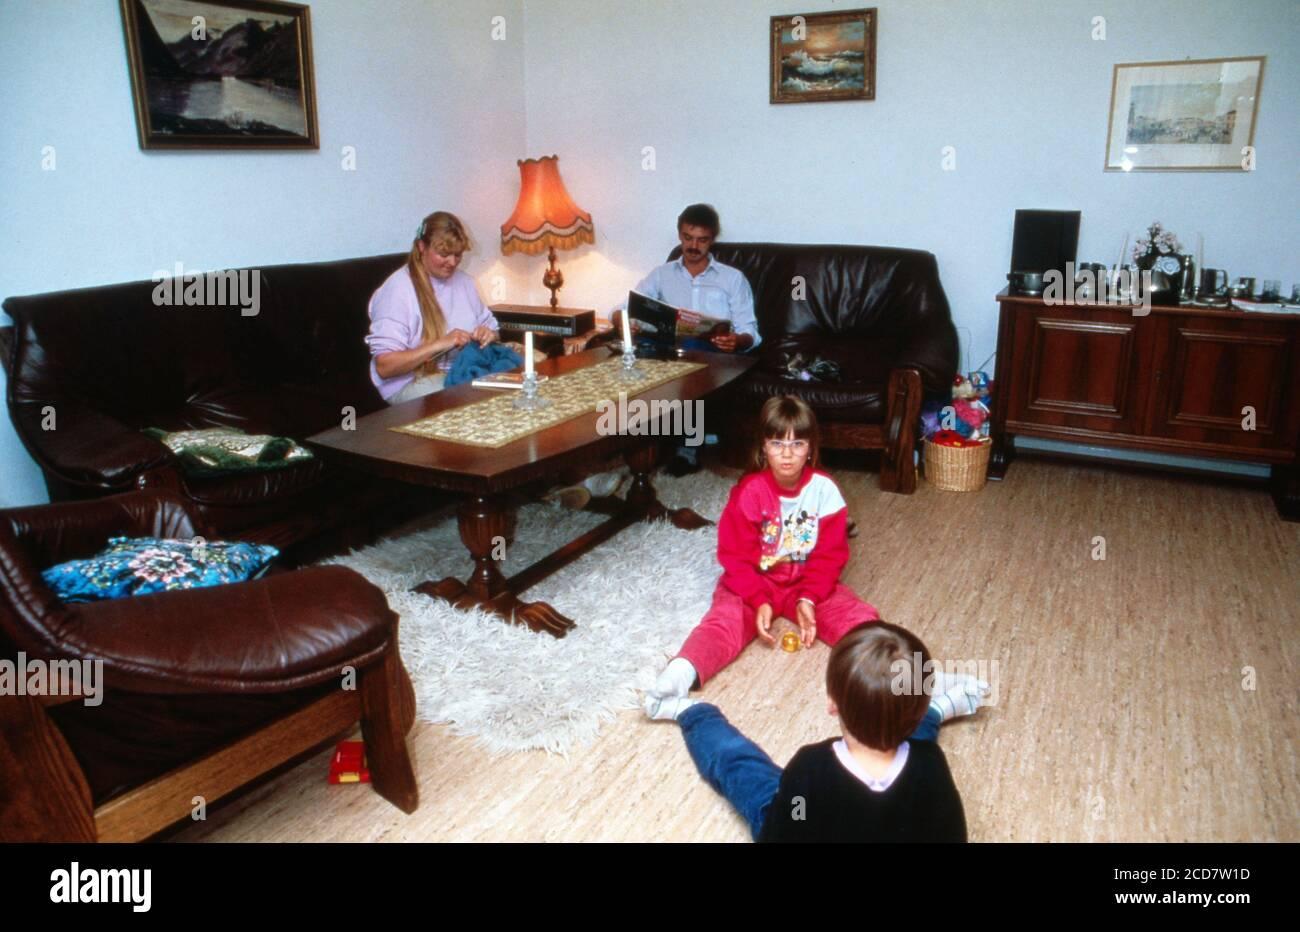 Bildreportage: Linn Westedt mit ihren Eltern und dem Bruder im Wohnzimmer. Banque D'Images